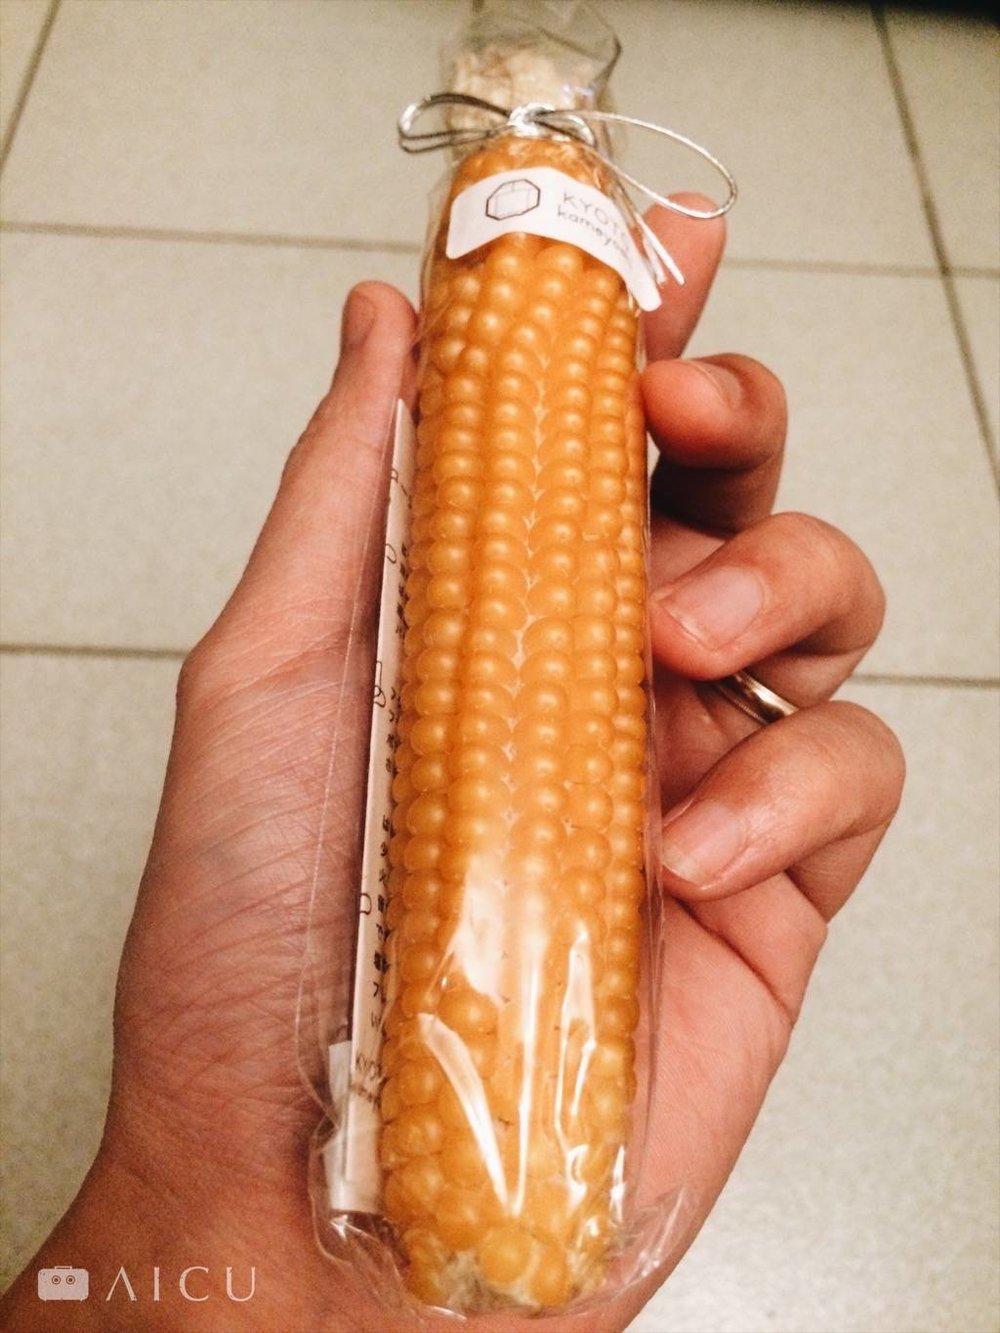 手掌大小的乾燥玉米棒